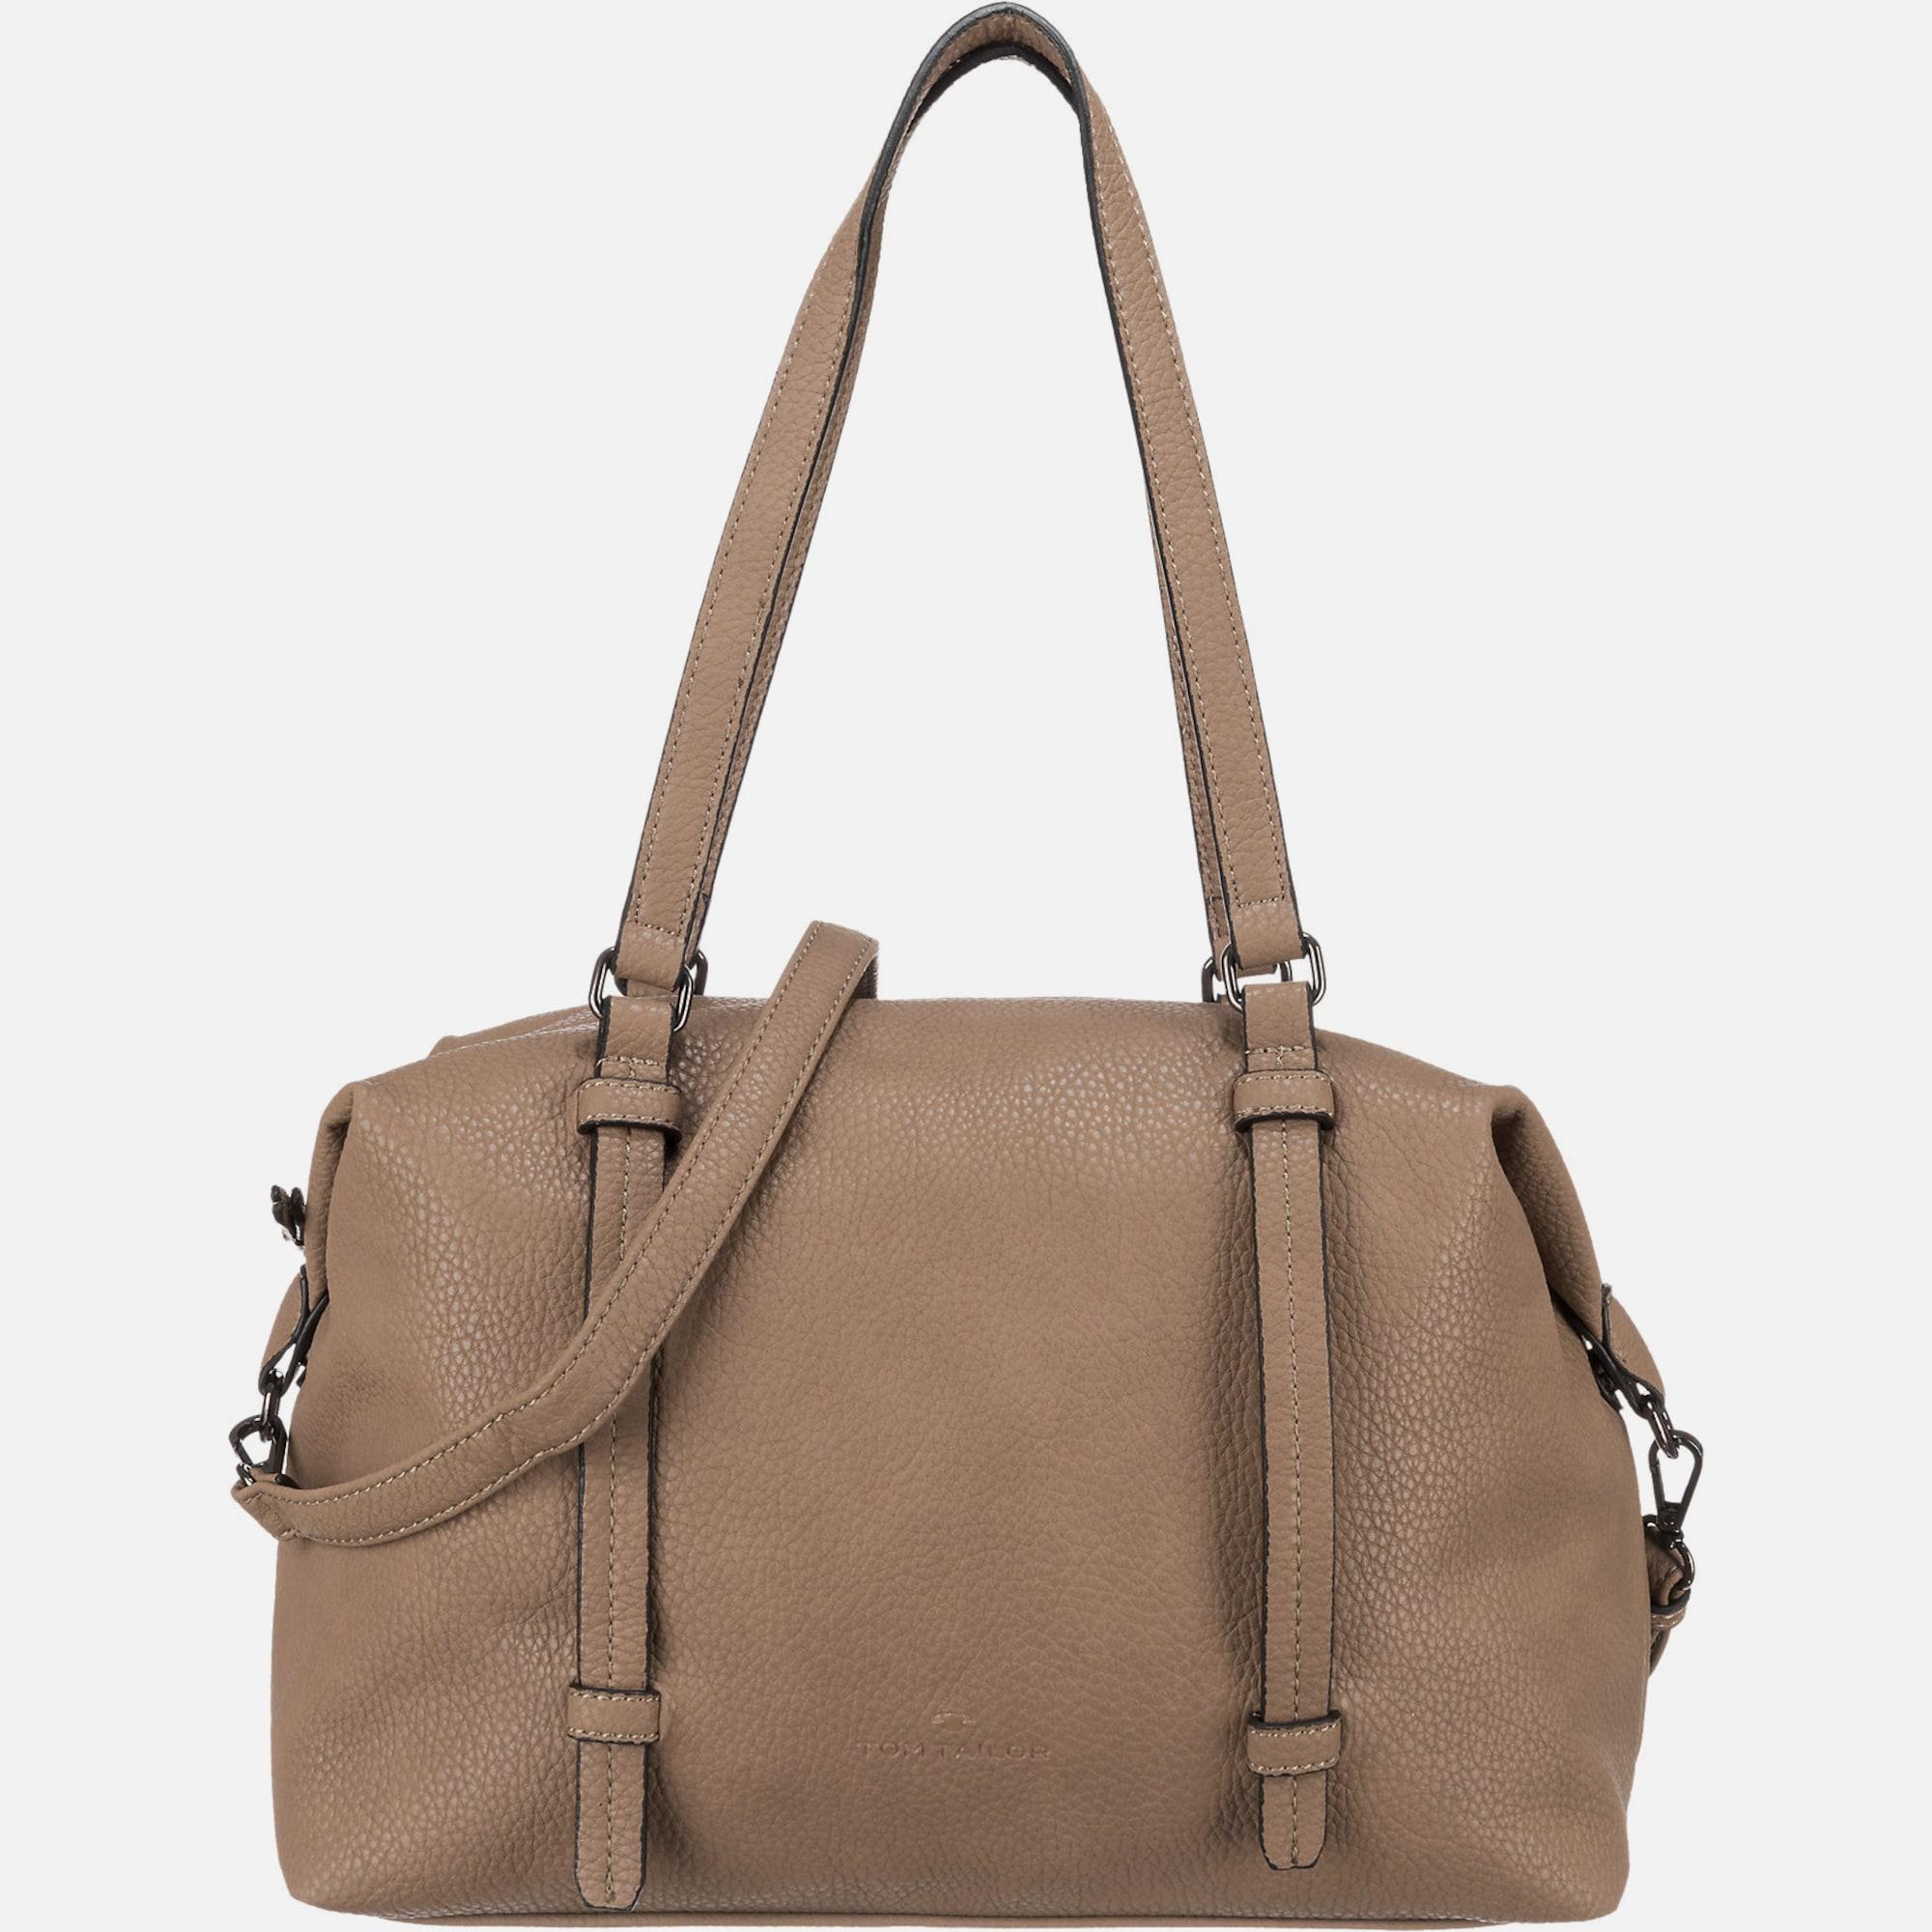 tom tailor 39 ester 39 handtasche in beige about you. Black Bedroom Furniture Sets. Home Design Ideas